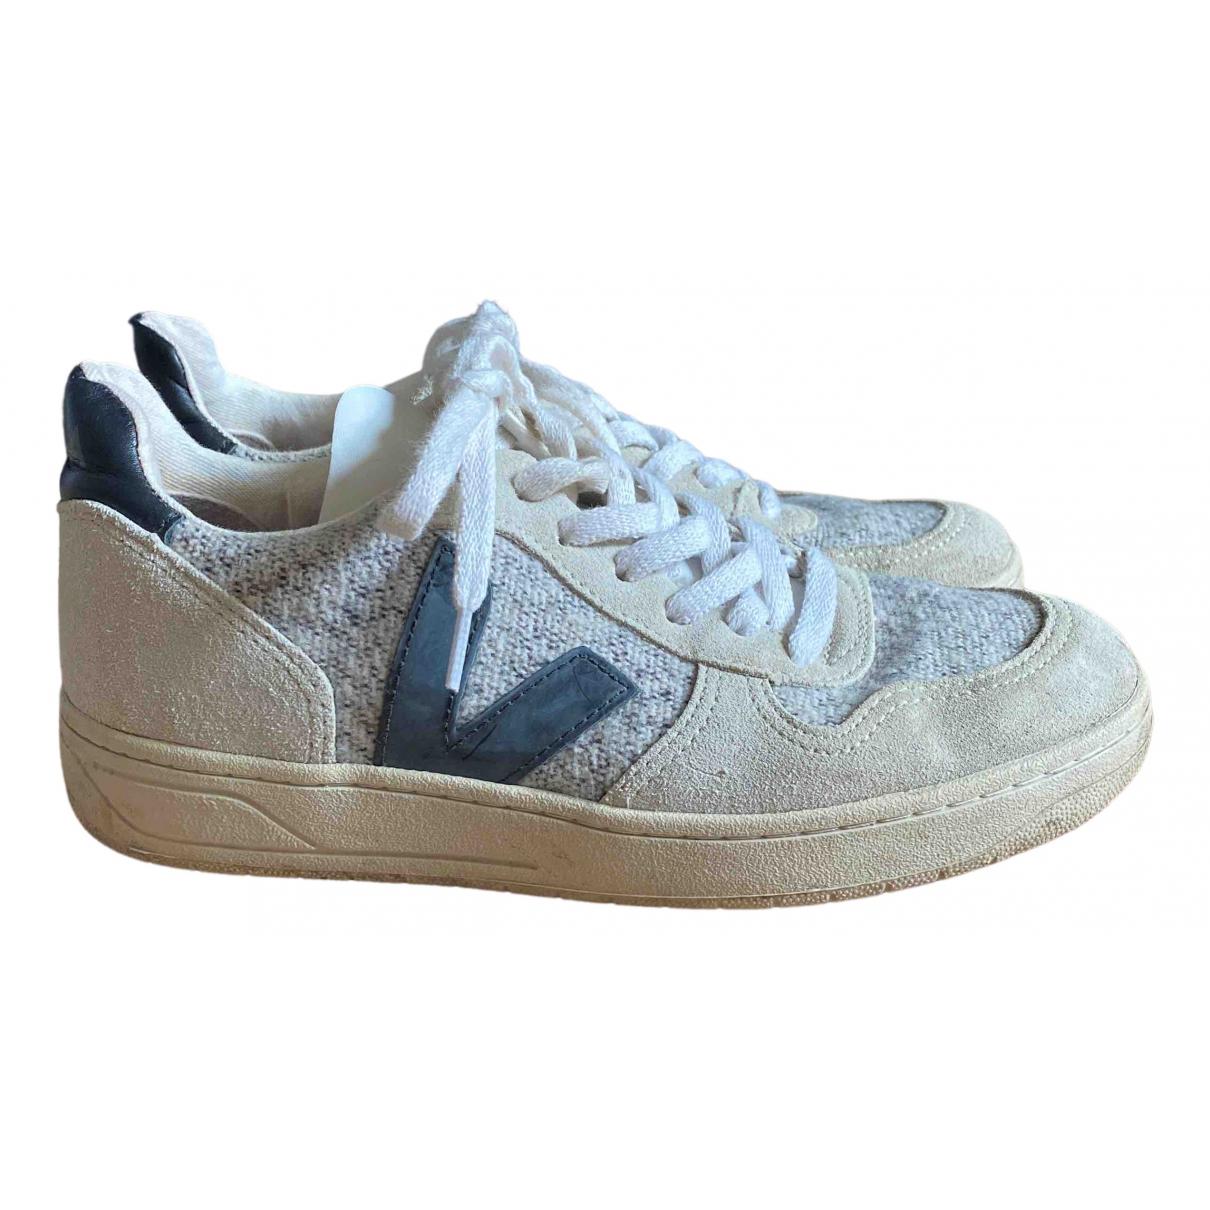 Veja \N Sneakers in  Grau Kautschuk